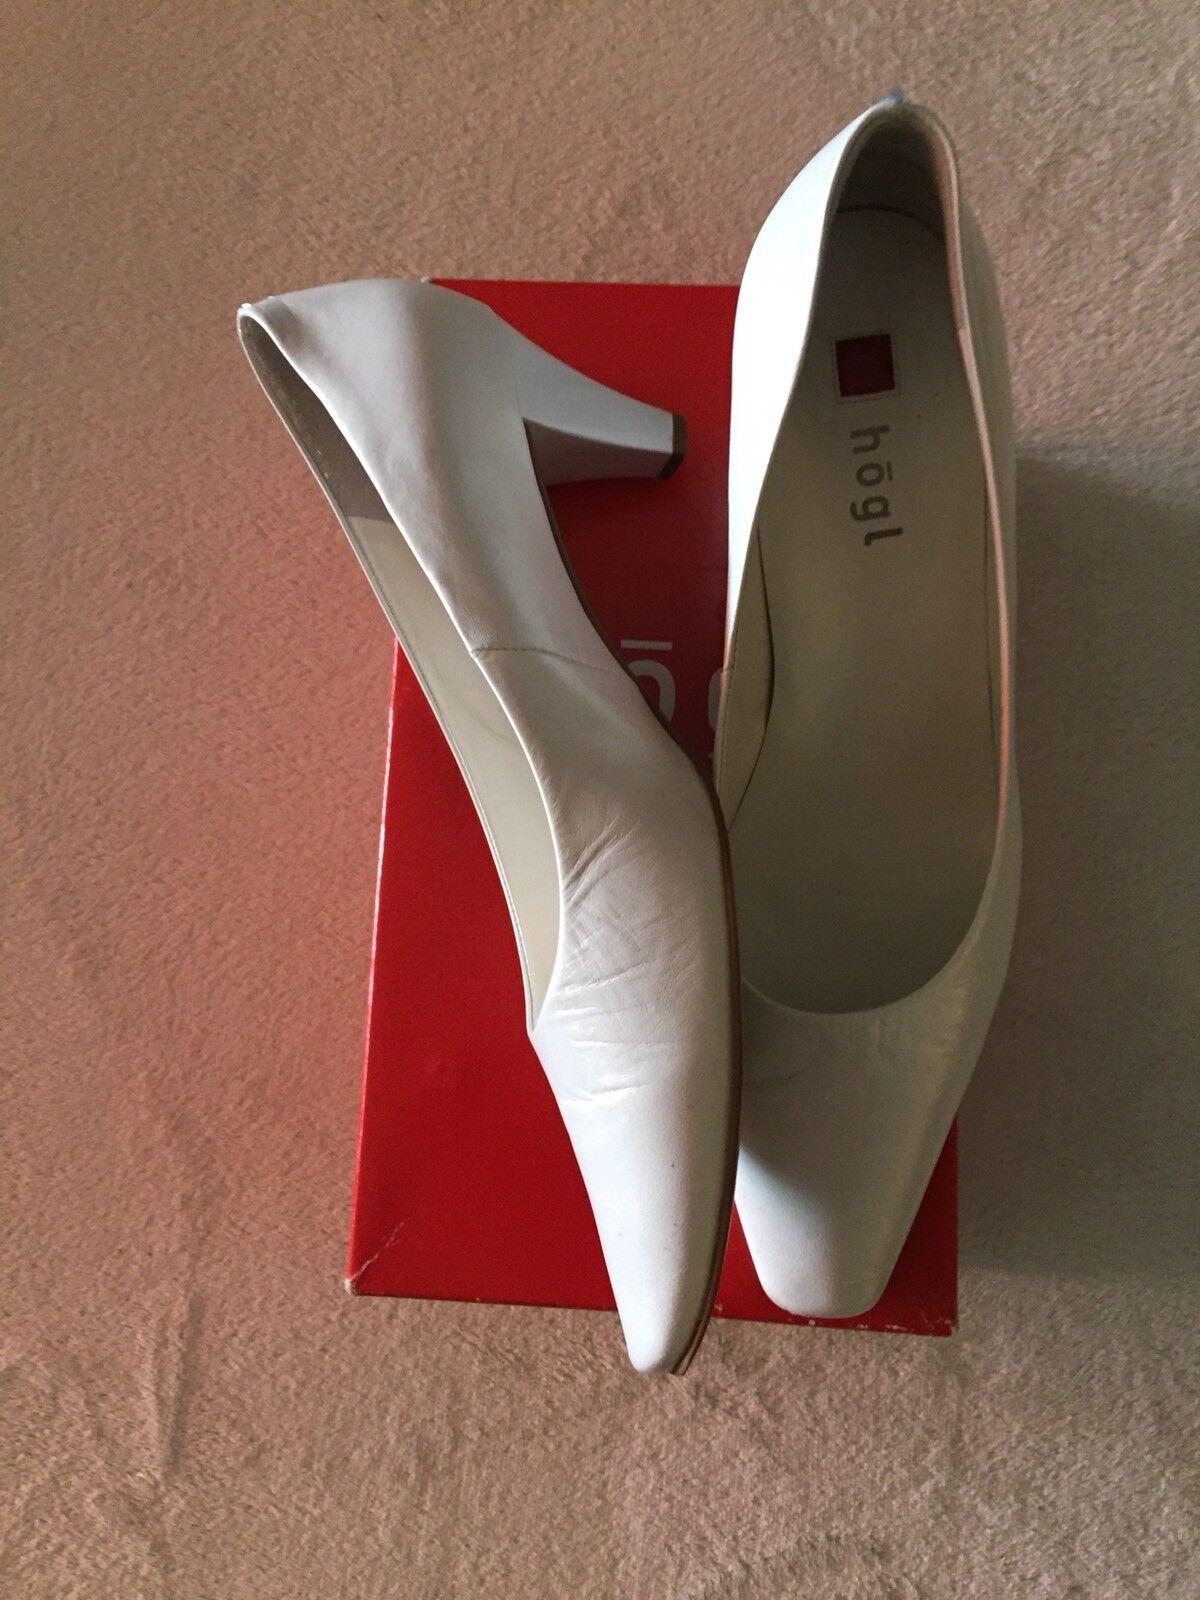 Högl Brautschuh / Pumps, Farbe weiß, Größe elegant, Absatz 6,5 cm, Größe weiß, 39/40 - NEU 83413a